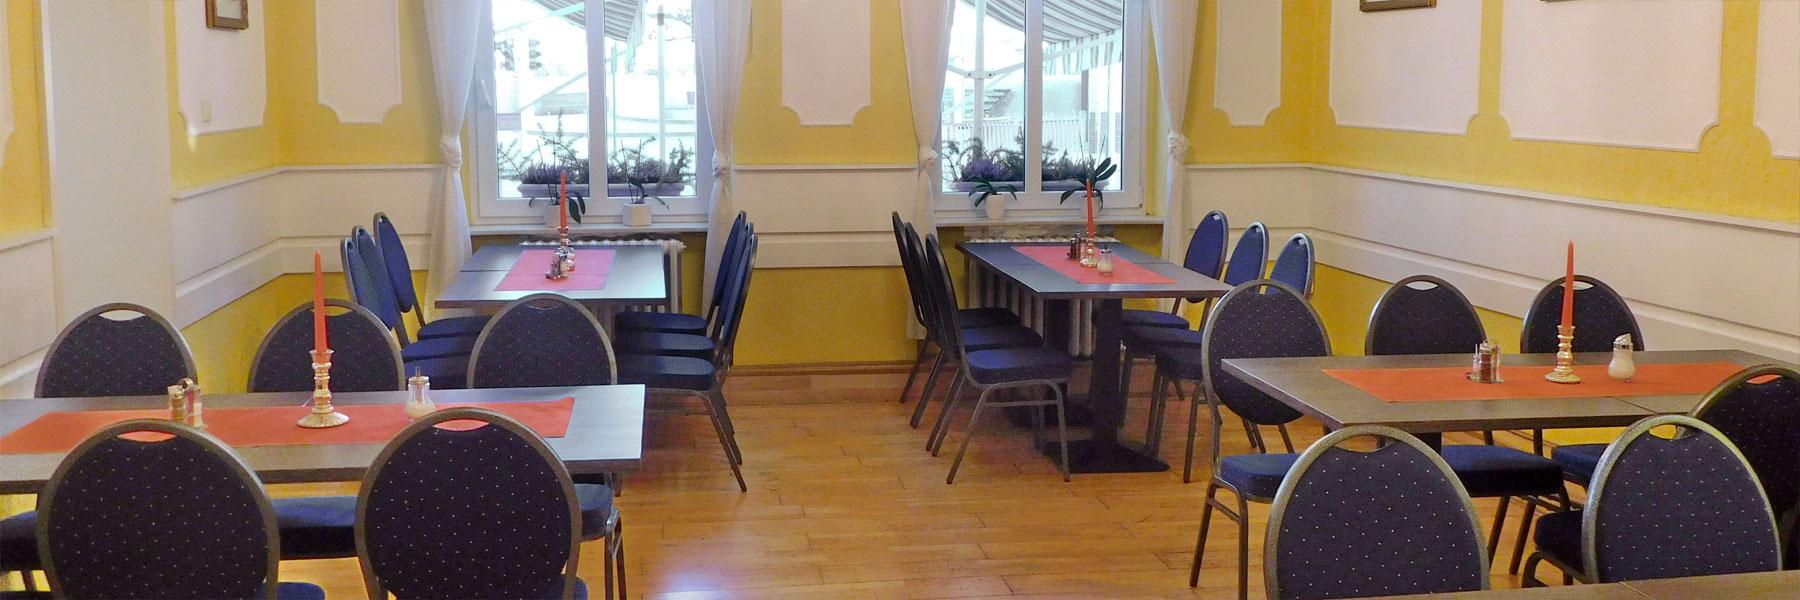 Frühstück - Mecklenburger Hof